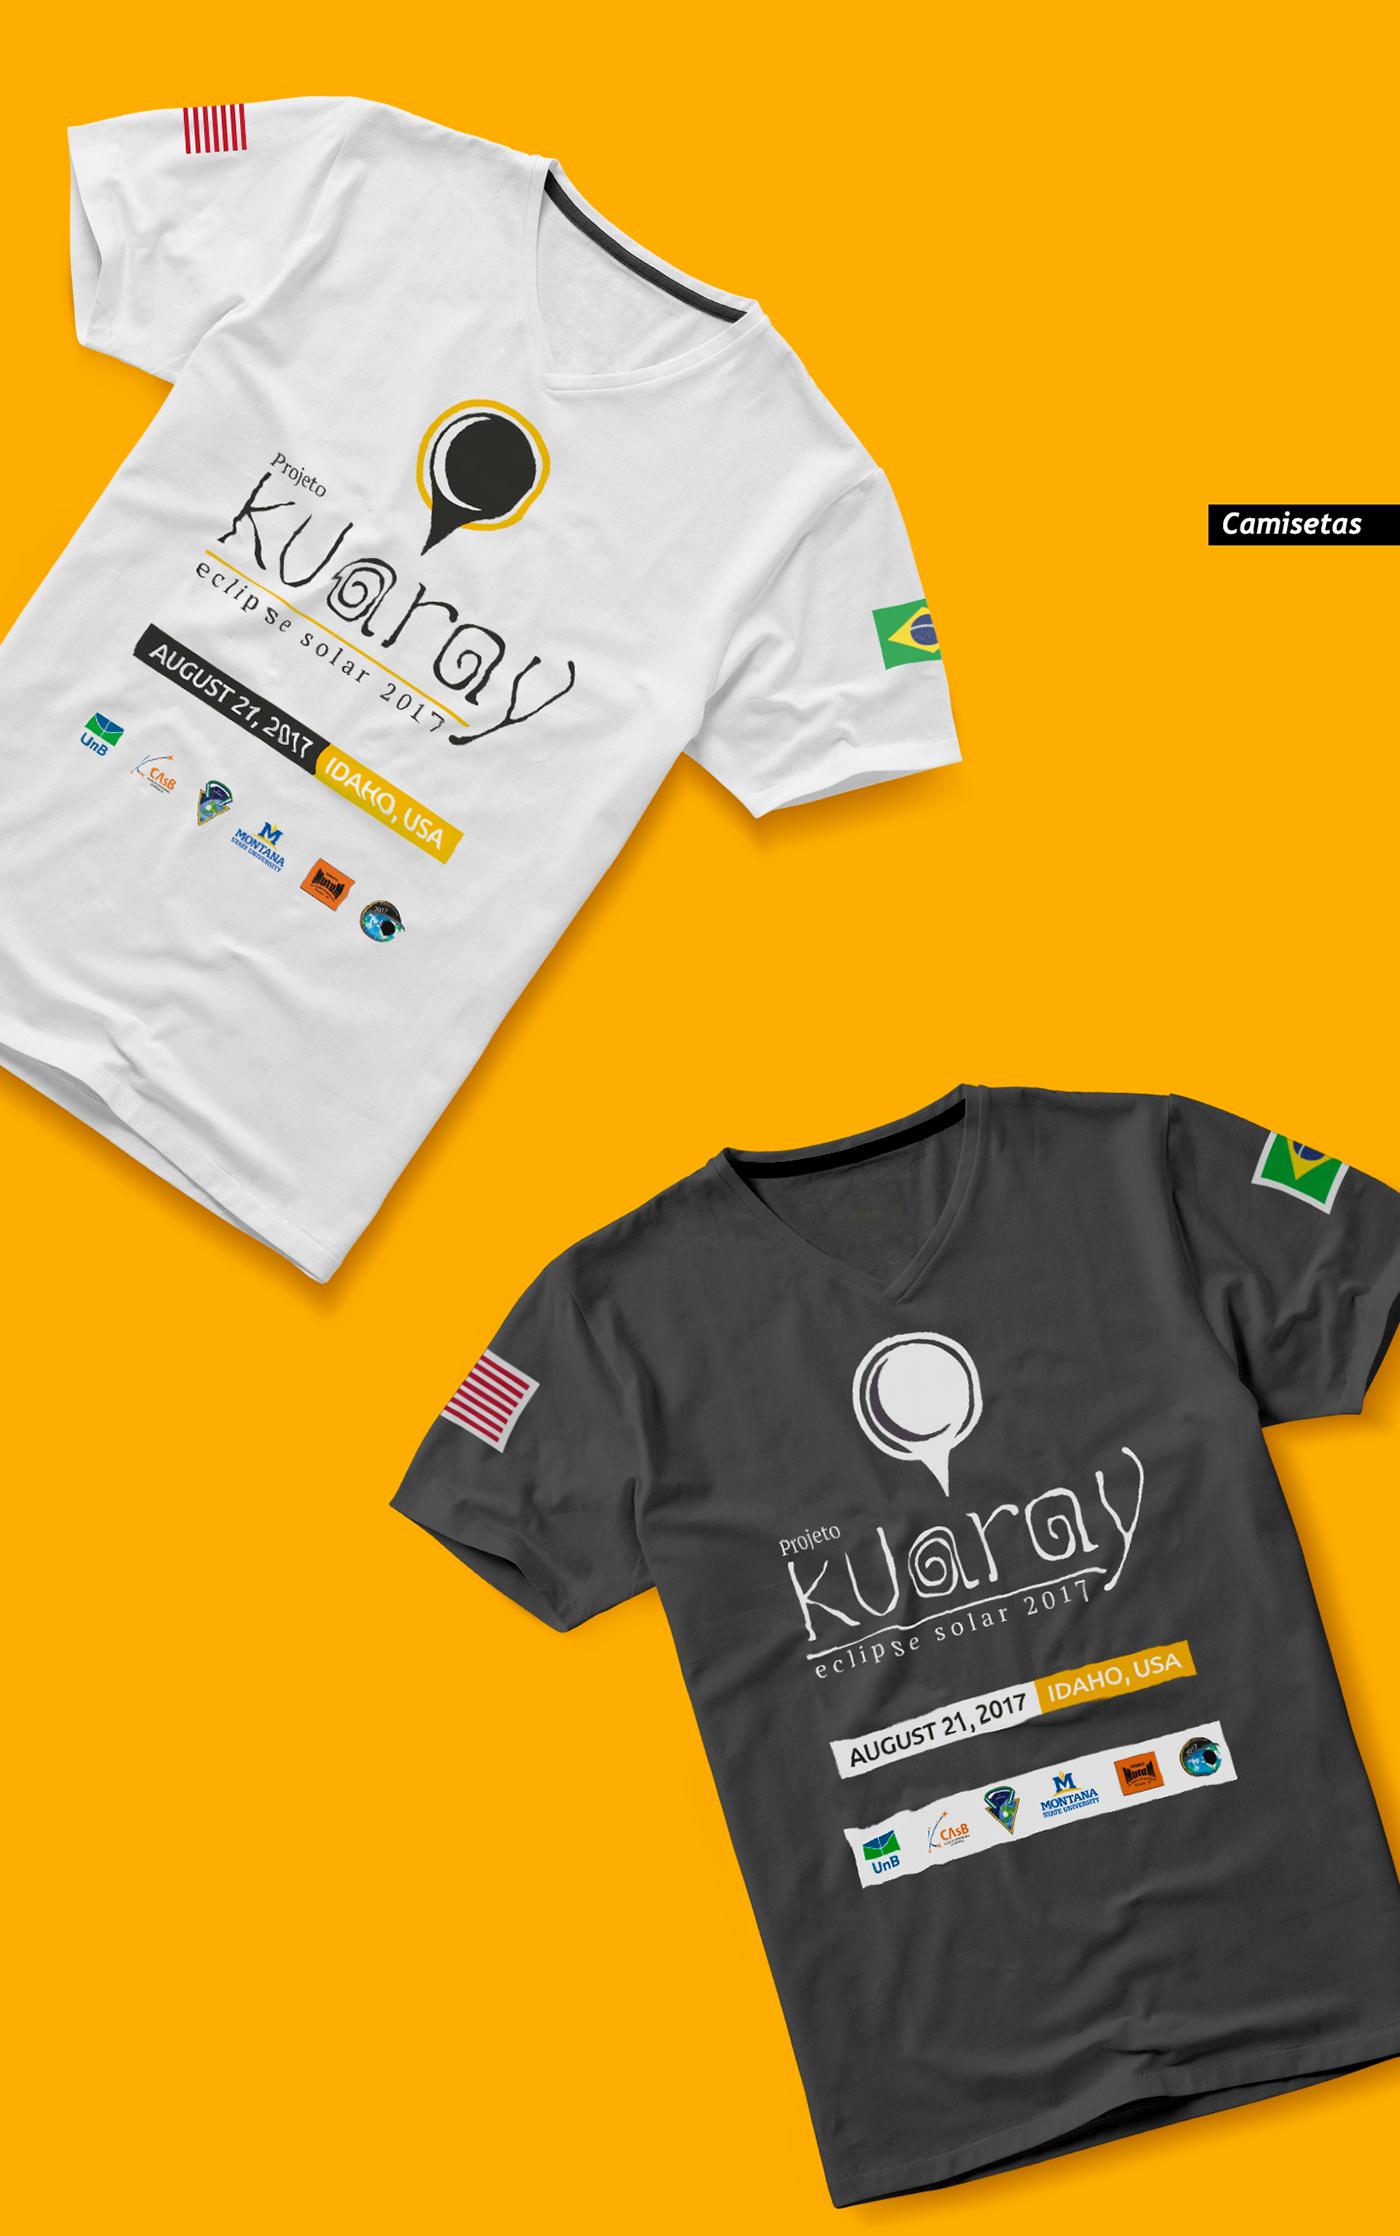 eclipse astronomia kuaray Sol Lua logo video fabrica de criação unb casb